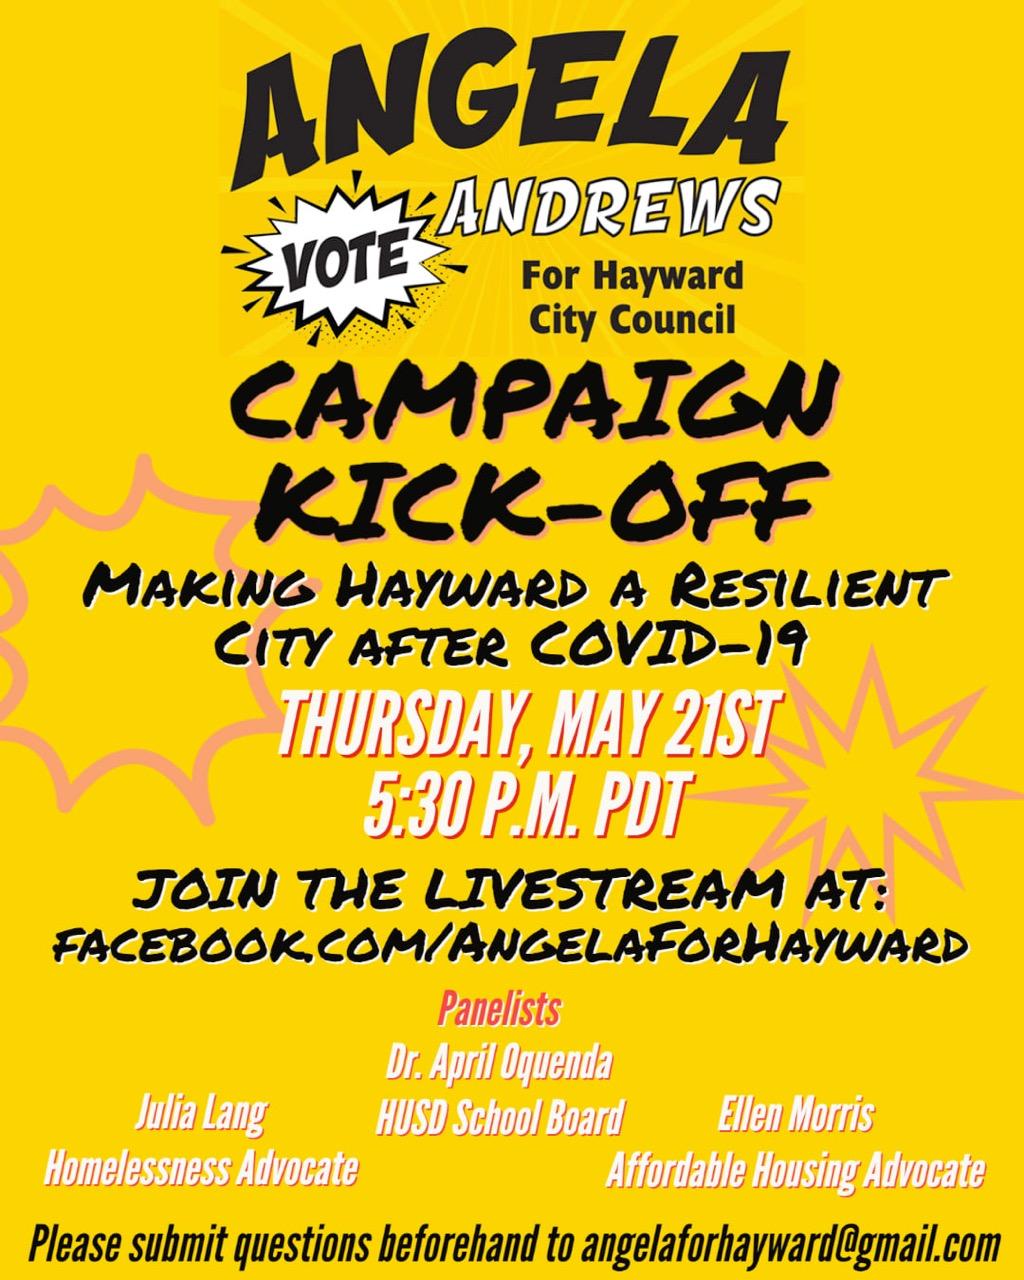 Angela Andrews' Campaign Kickoff